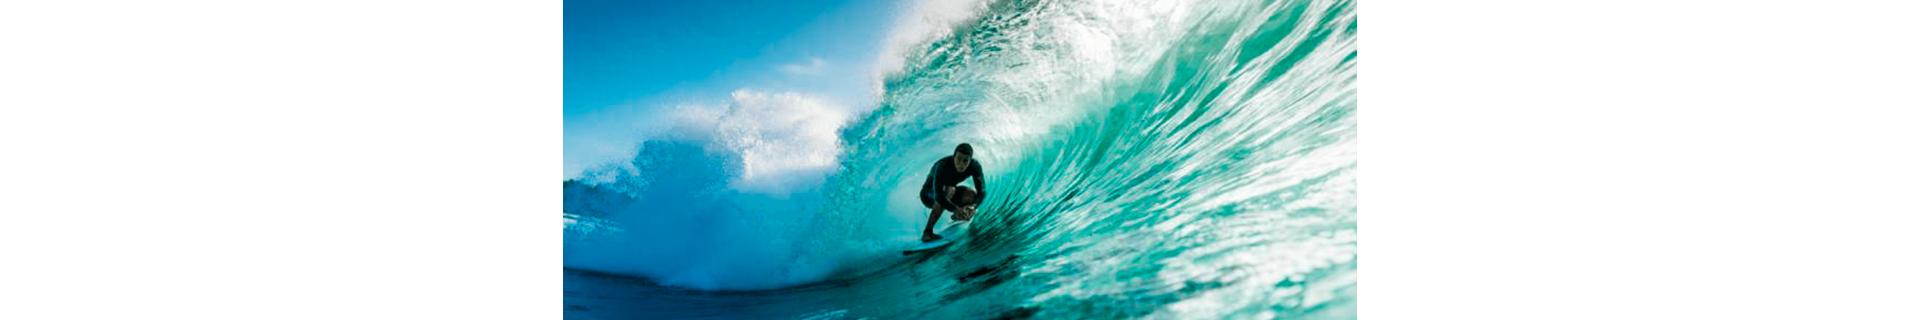 Accesorios Surf